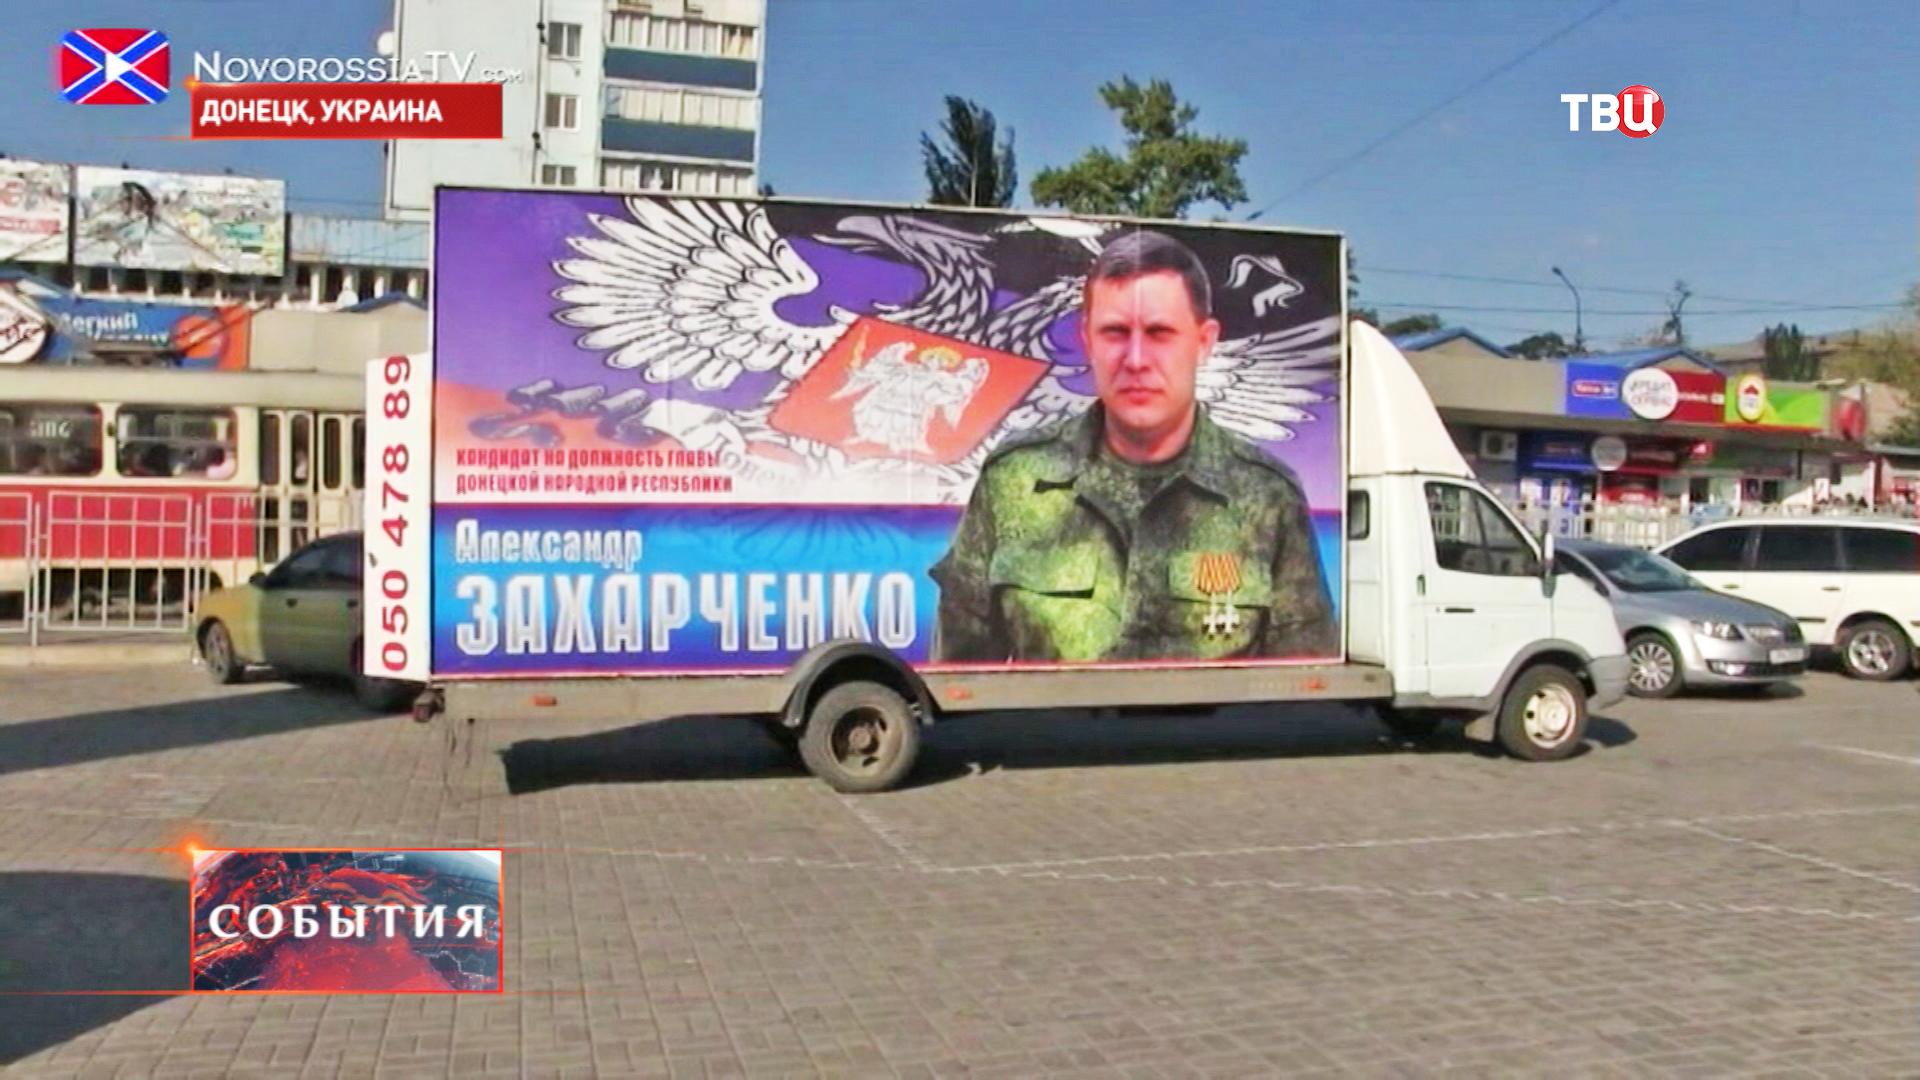 Кандидат на должность главы ДНР Александр Захарченко